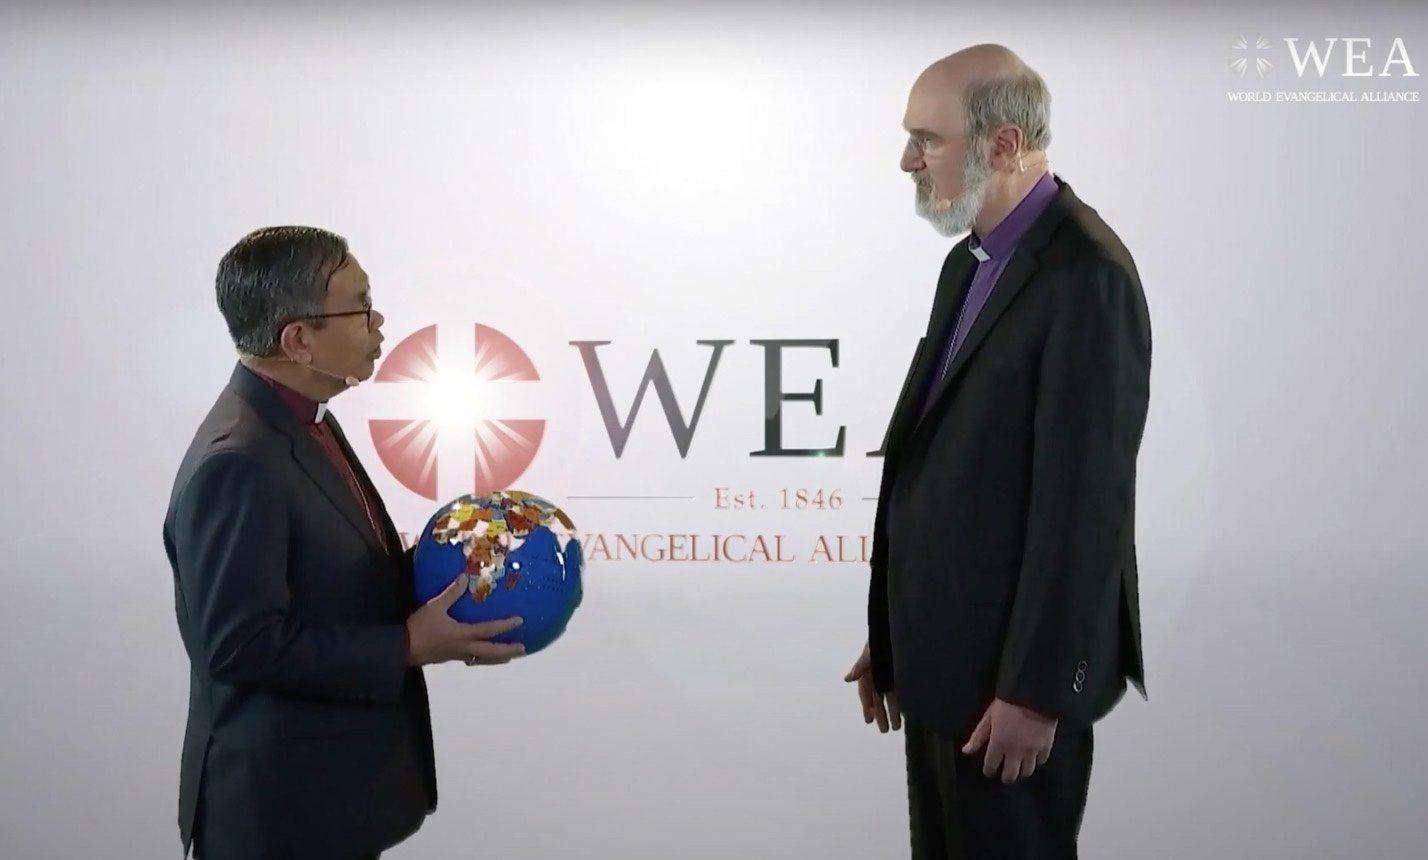 Passation entre Efraïm Tendero et Thomas Schirrmacher à la tête de l'Alliance évangélique mondiale